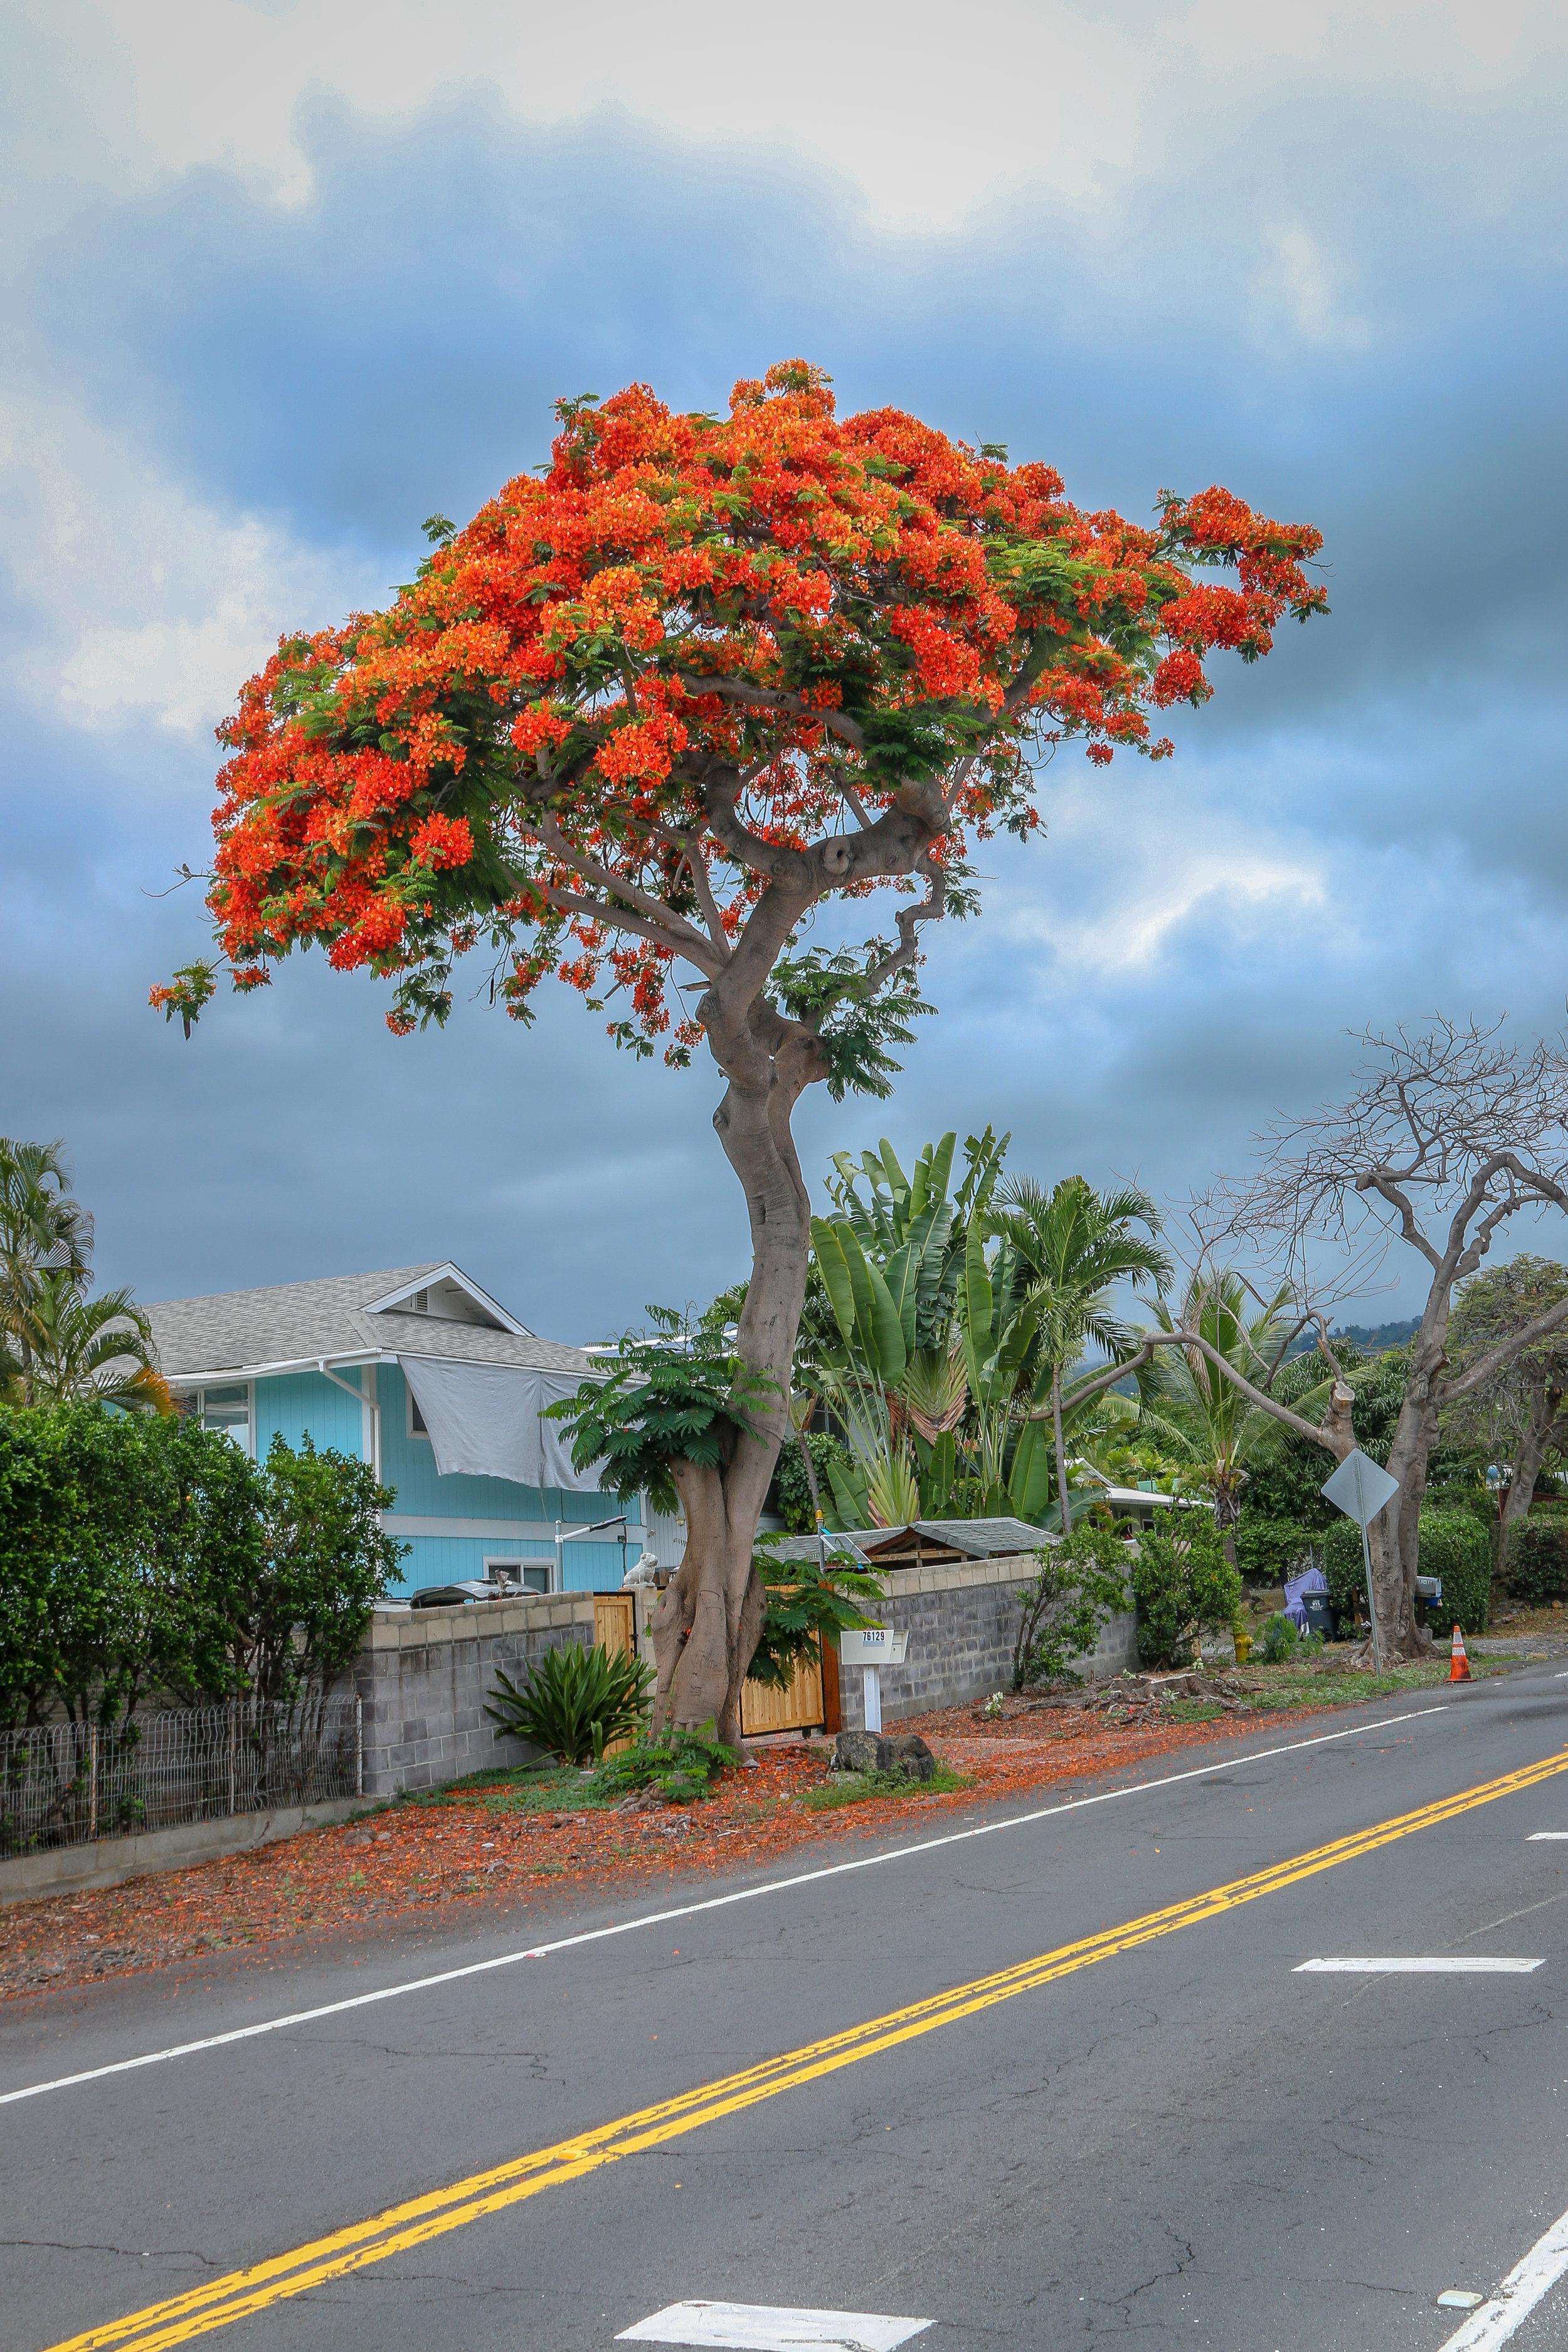 Hawaii HI Big Island Photos Photography flower orange tree